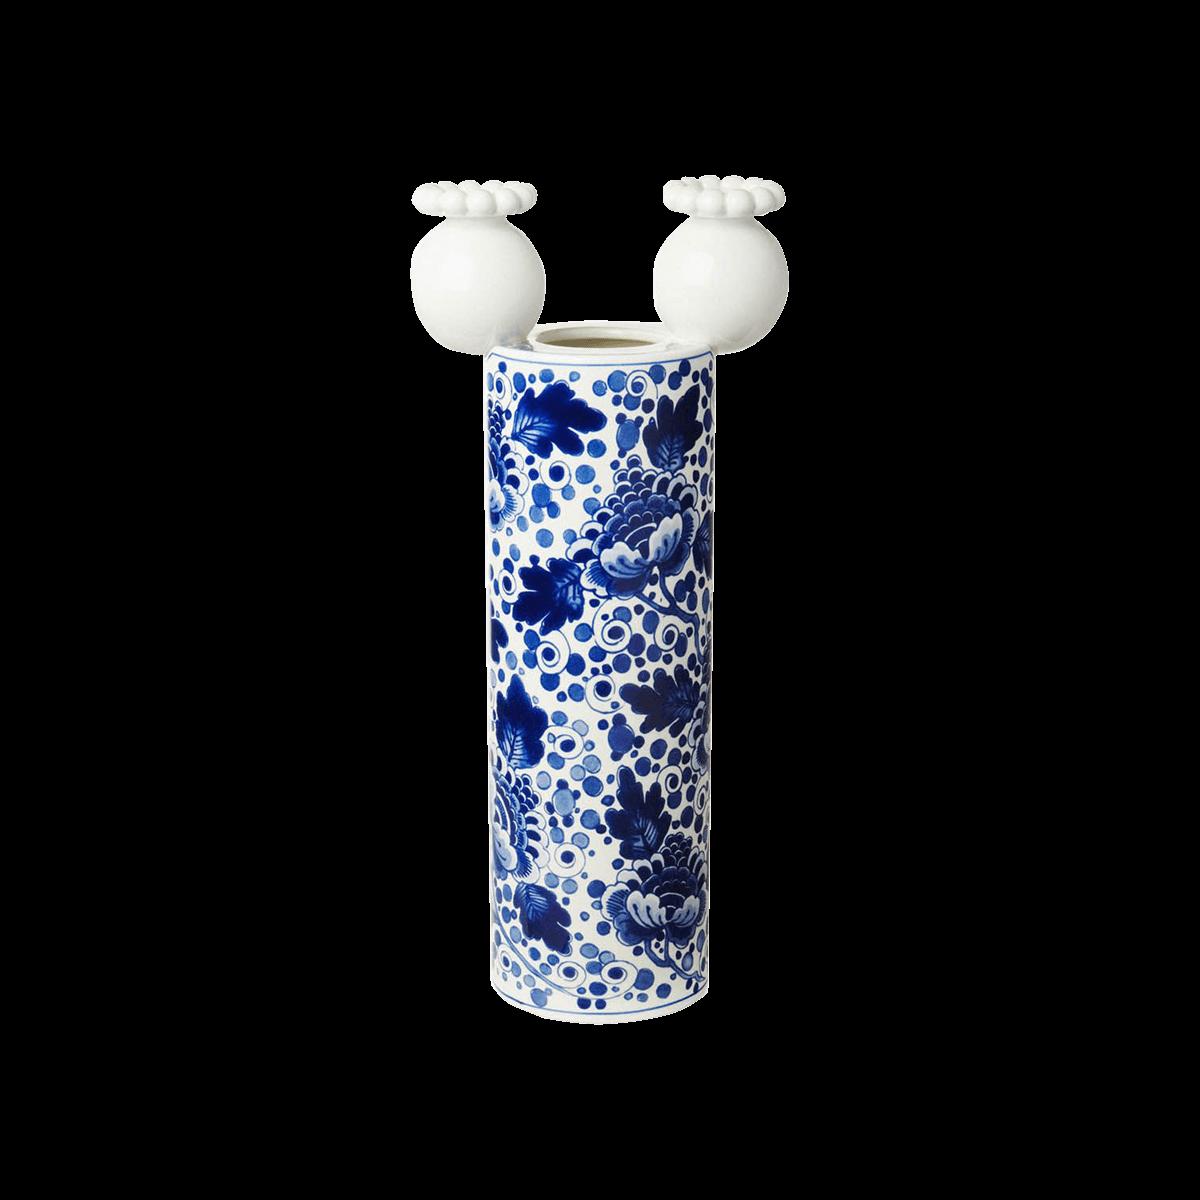 Moooi  Delft Blue No 01 花瓶